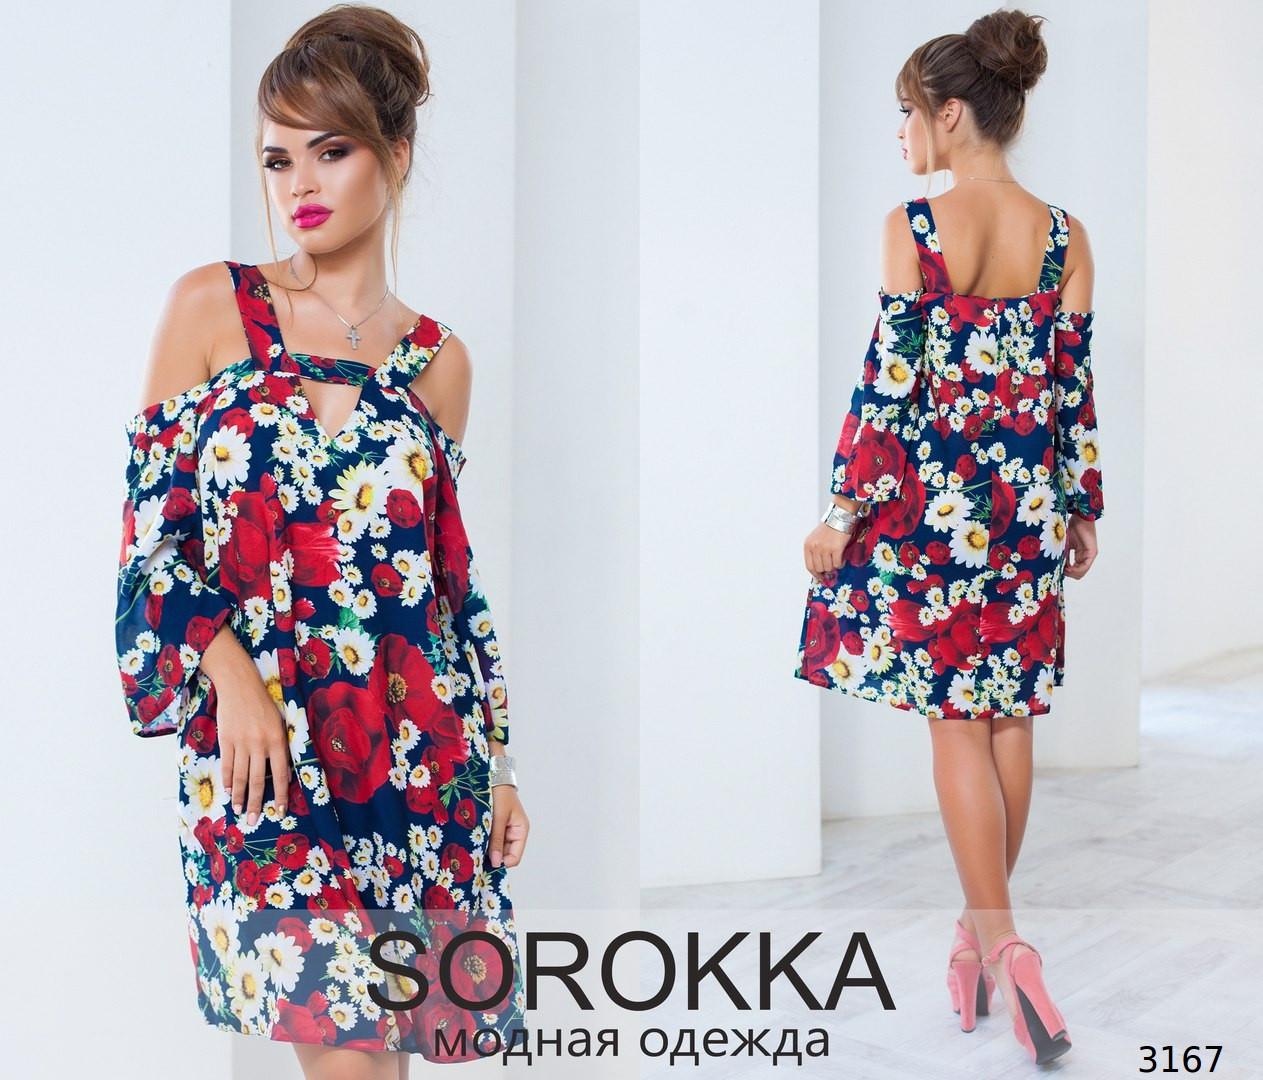 Sorokka Модная Одежда Интернет Магазин